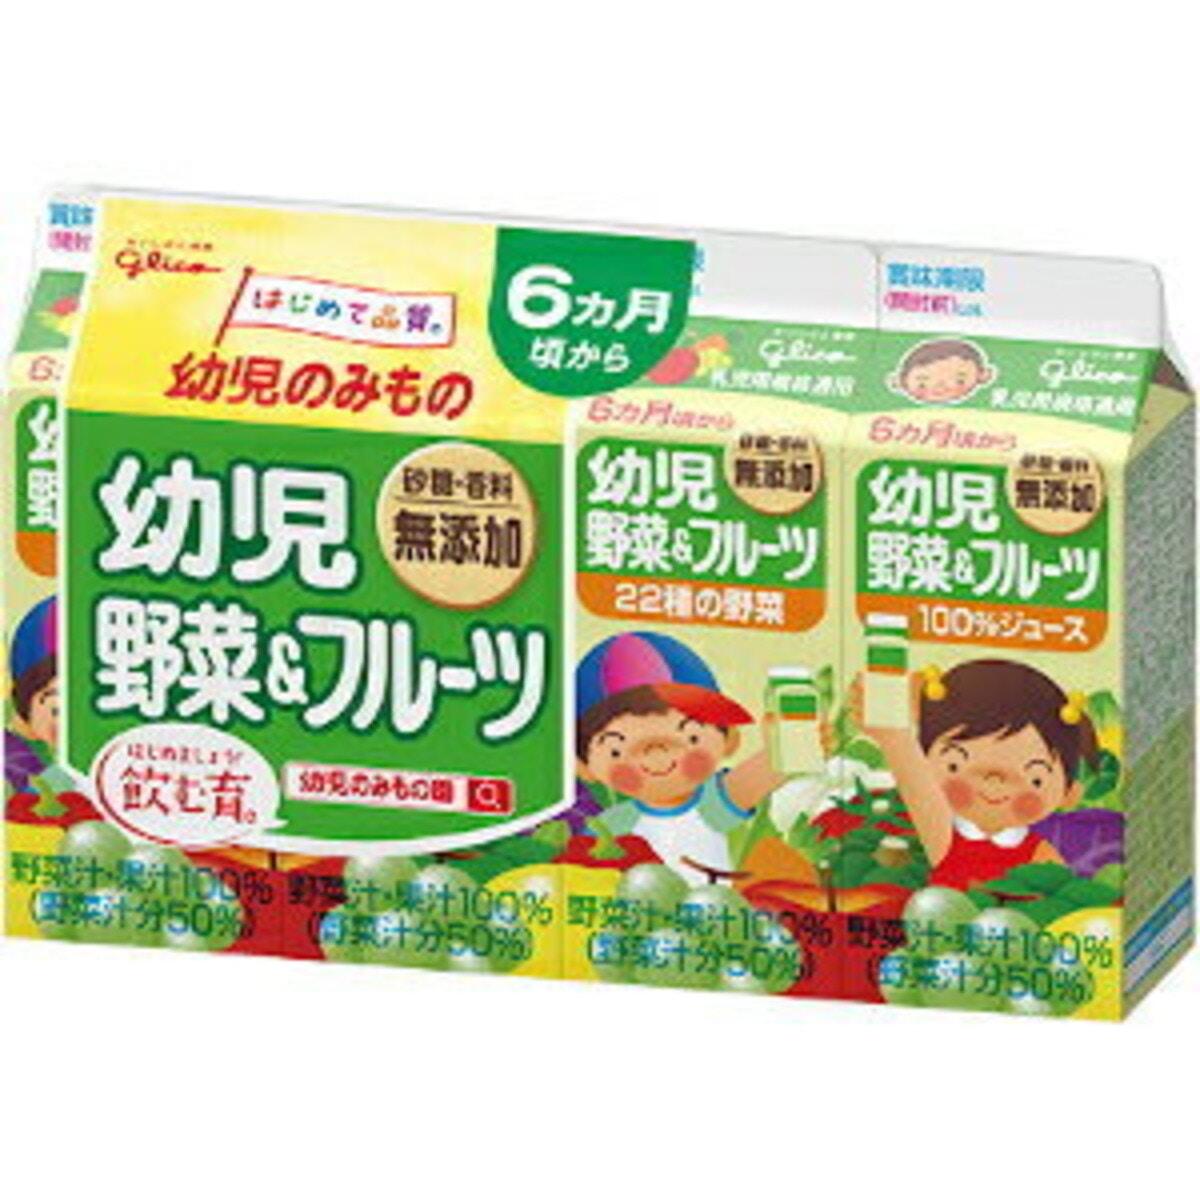 グリコ 幼児野菜&フルーツ 4P 6パック